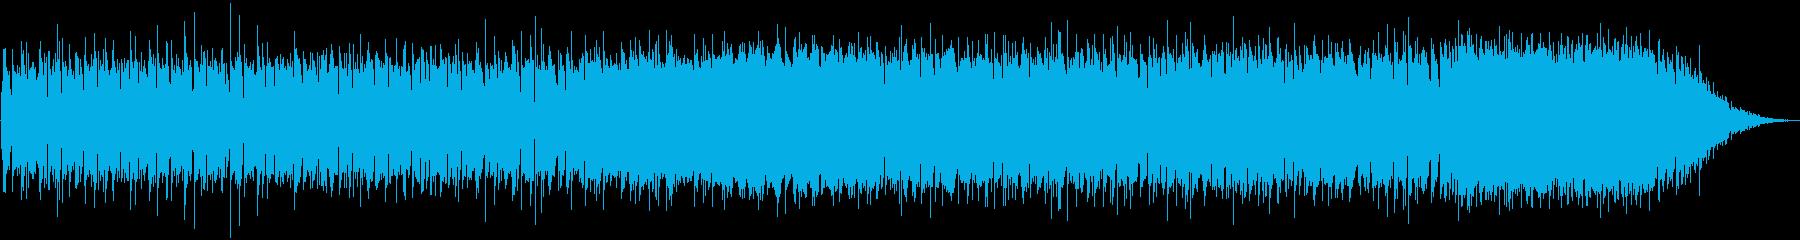 Chill Music 躍動する鼓動の再生済みの波形